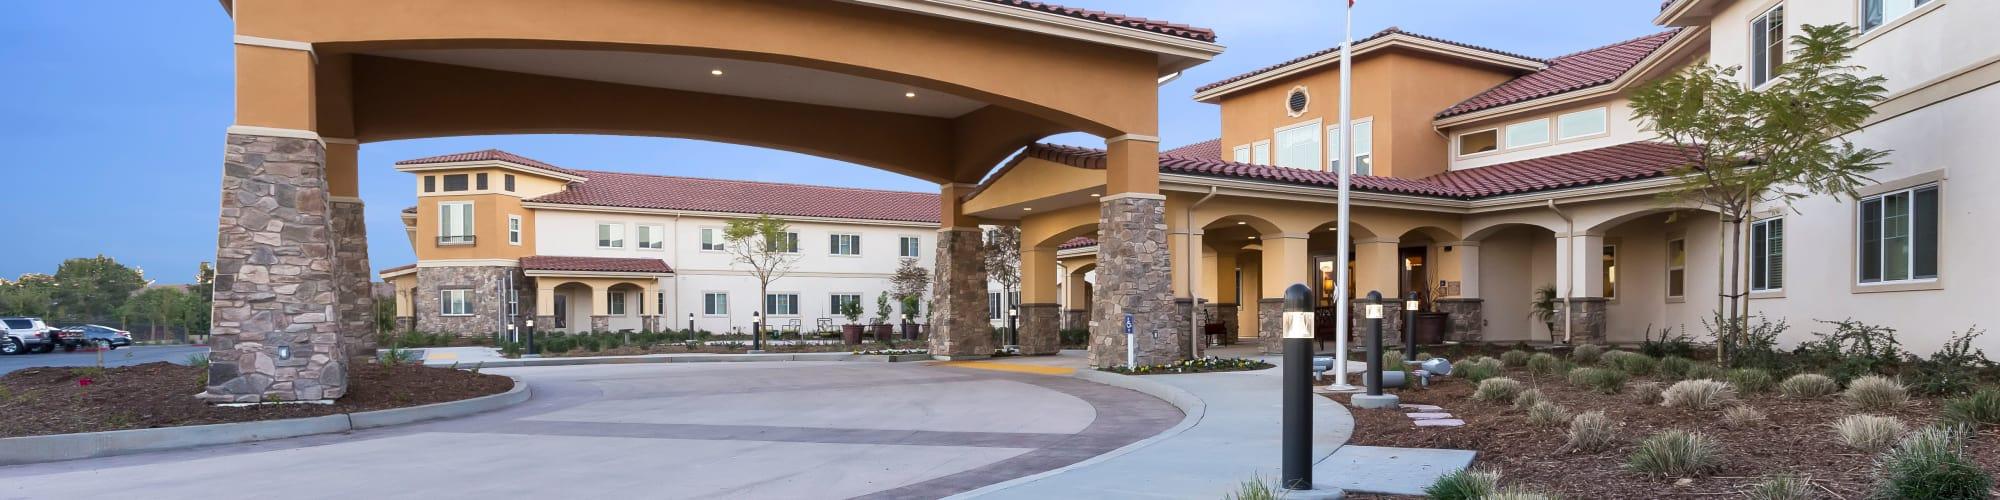 Directions to Estancia Del Sol in Corona, California